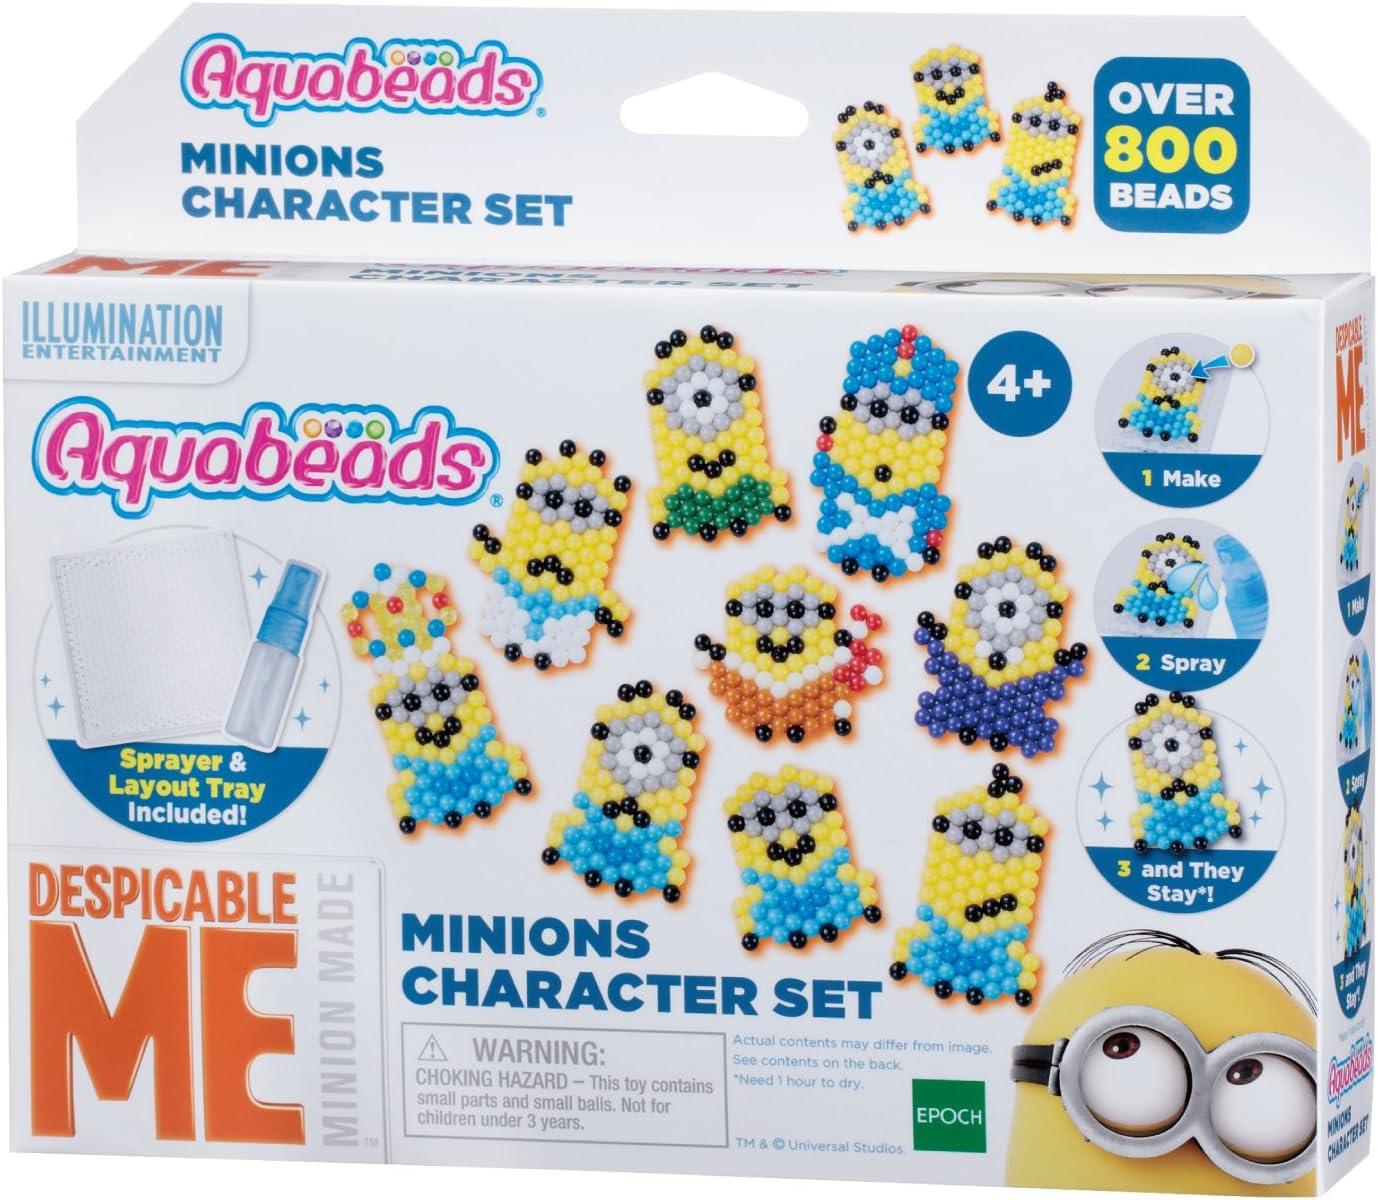 Aquabeads 30538 kit de joyería para niños - Kits de joyería para niños (Juego de perlas, 4 año(s), 800 pieza(s), Multicolor, Niño, Chica) , color/modelo surtido: Amazon.es: Juguetes y juegos